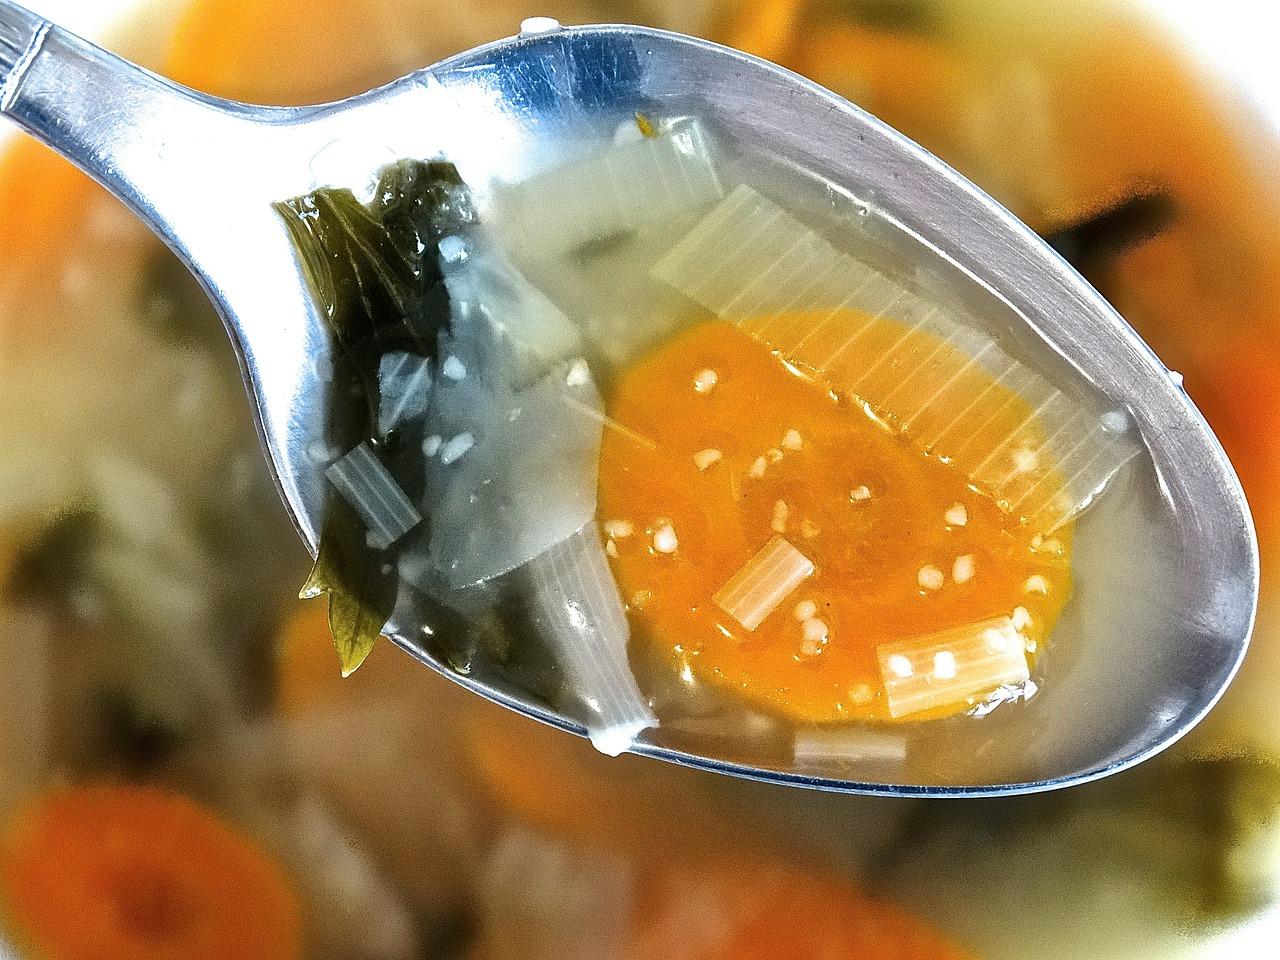 מתכוני בריאות: מרק גזר וערמונים